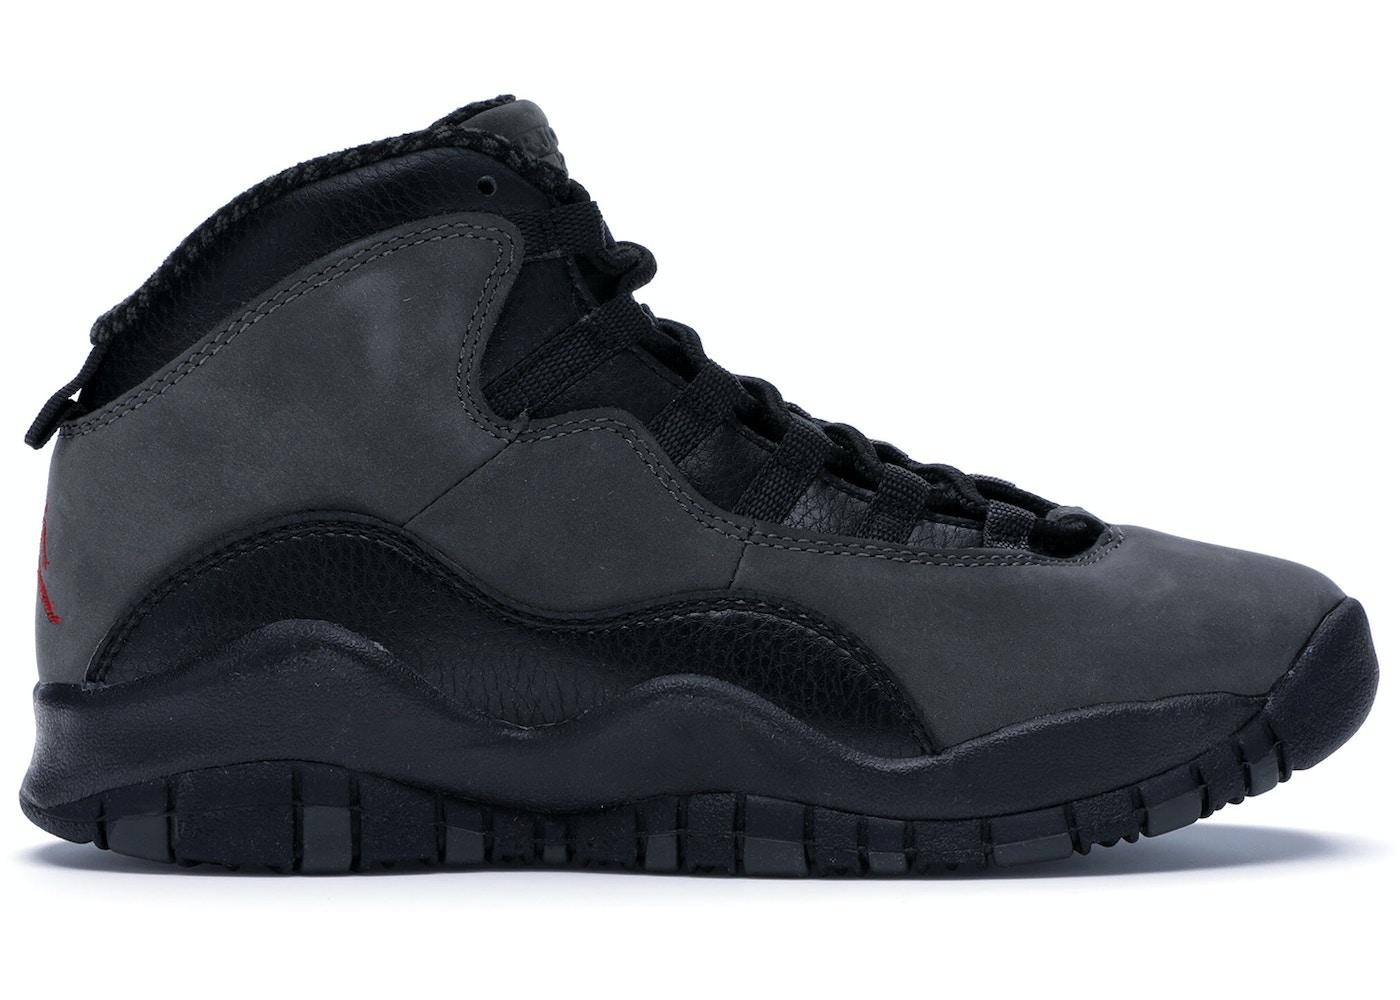 quality design 8585d b99a0 Jordan 10 Retro Shadow 2018 (GS) - 310806-002